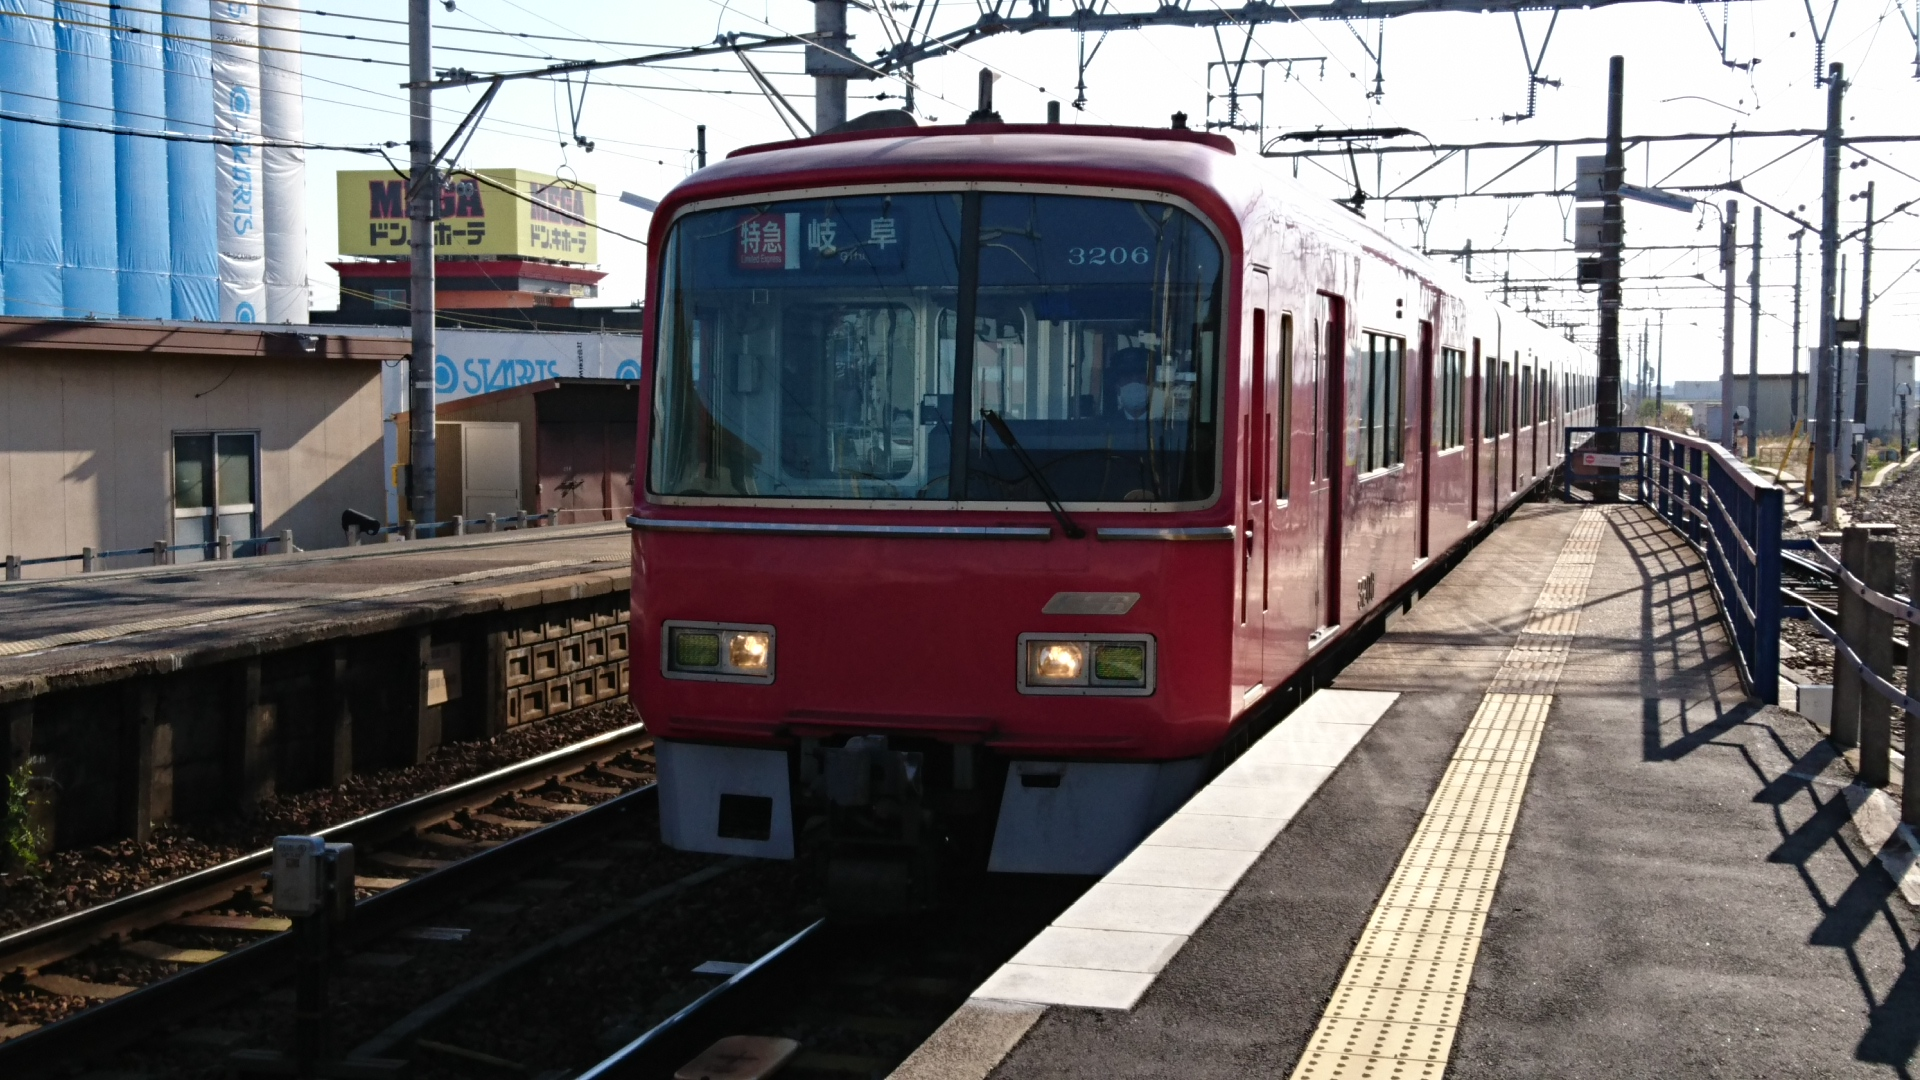 2016.11.12 名鉄 (10) しんあんじょう - 岐阜いき特急 1920-1080